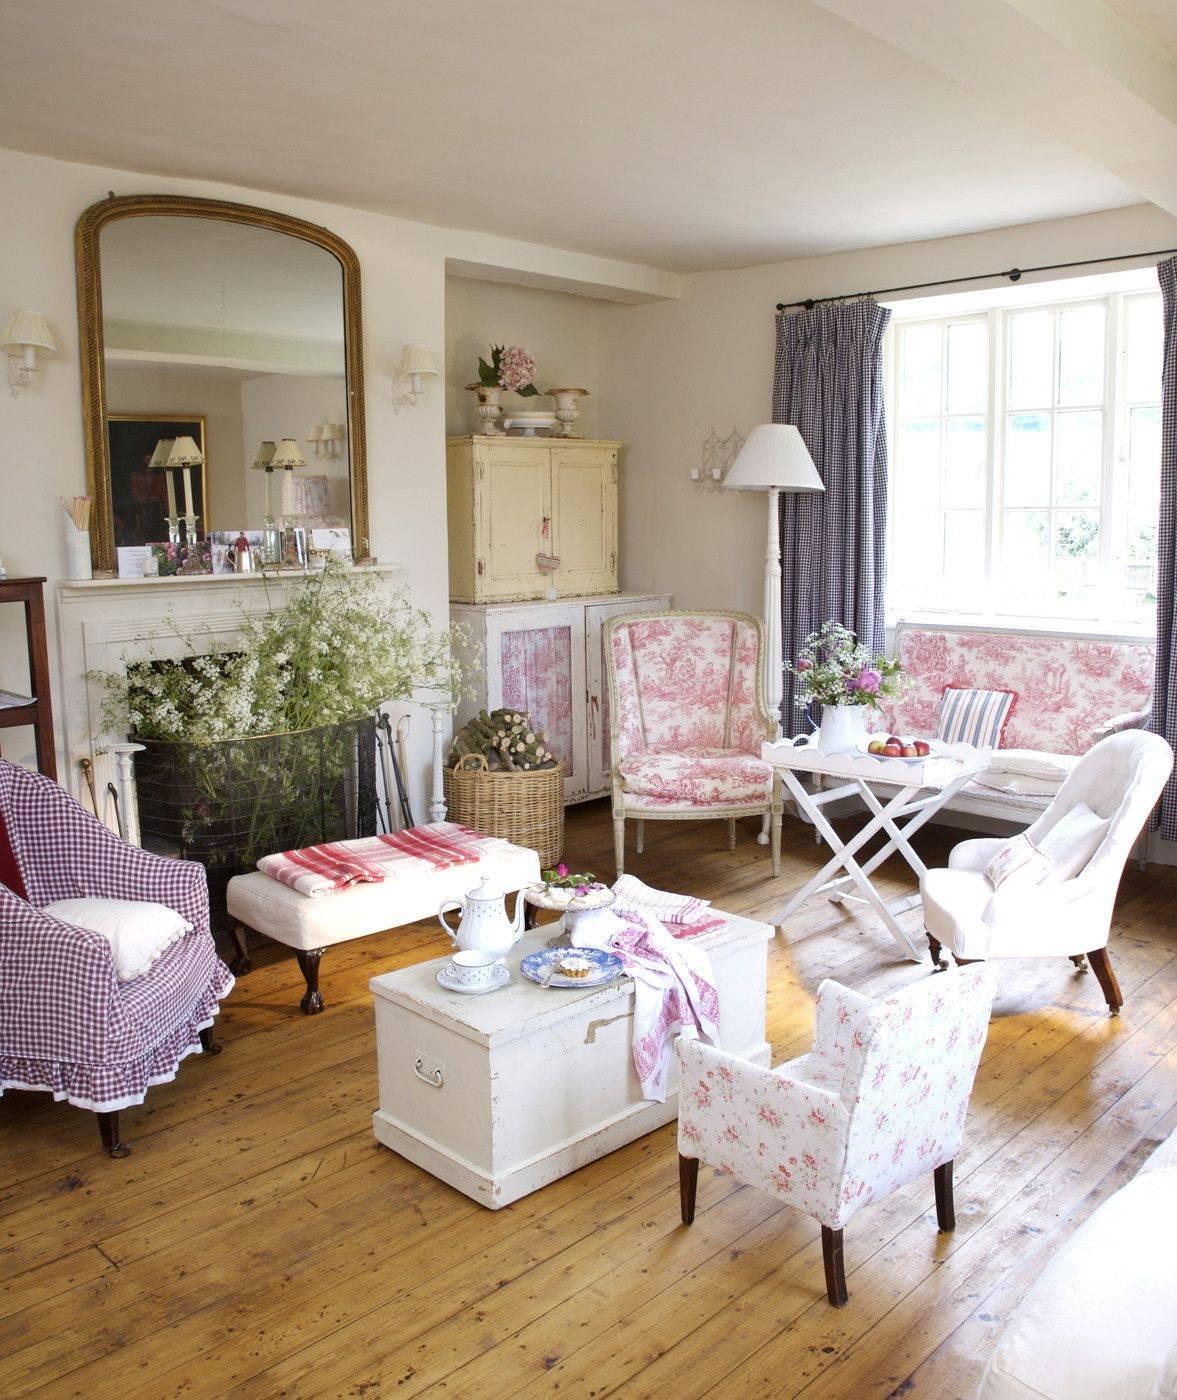 Интерьер гостиной в стиле прованс, особенности оформления, советы по выбору материалов, мебели и декора - 20 фото